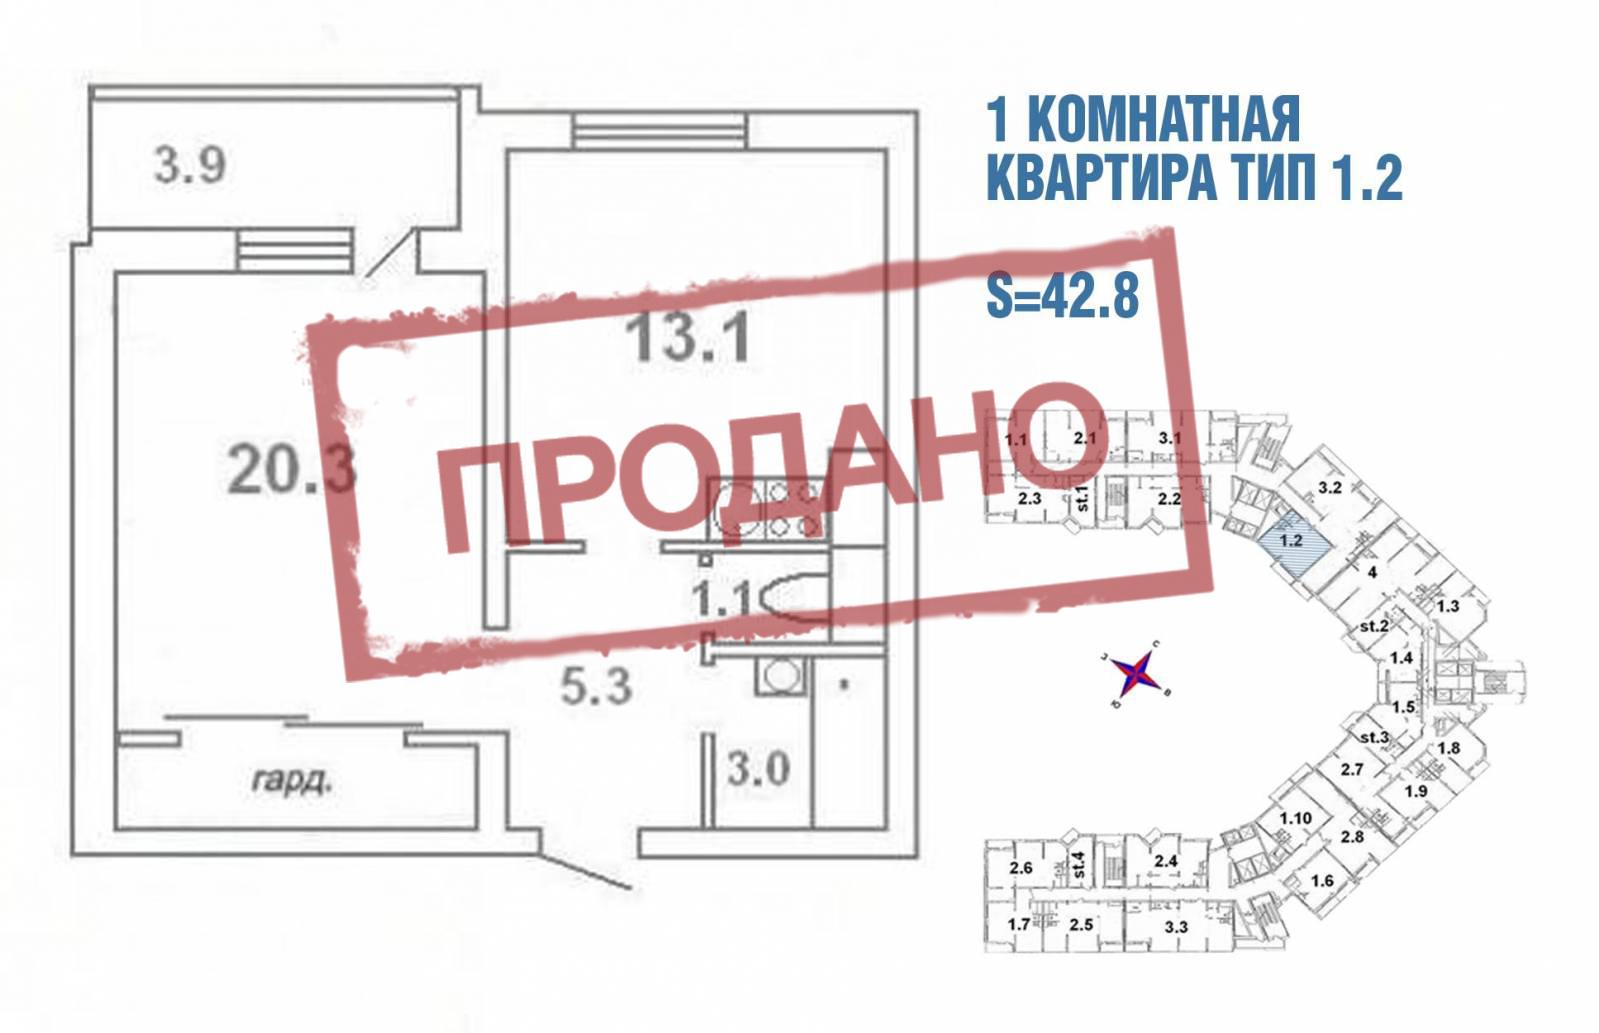 1 комнатная квартира тип 1.2 - 42,8 кв.м.